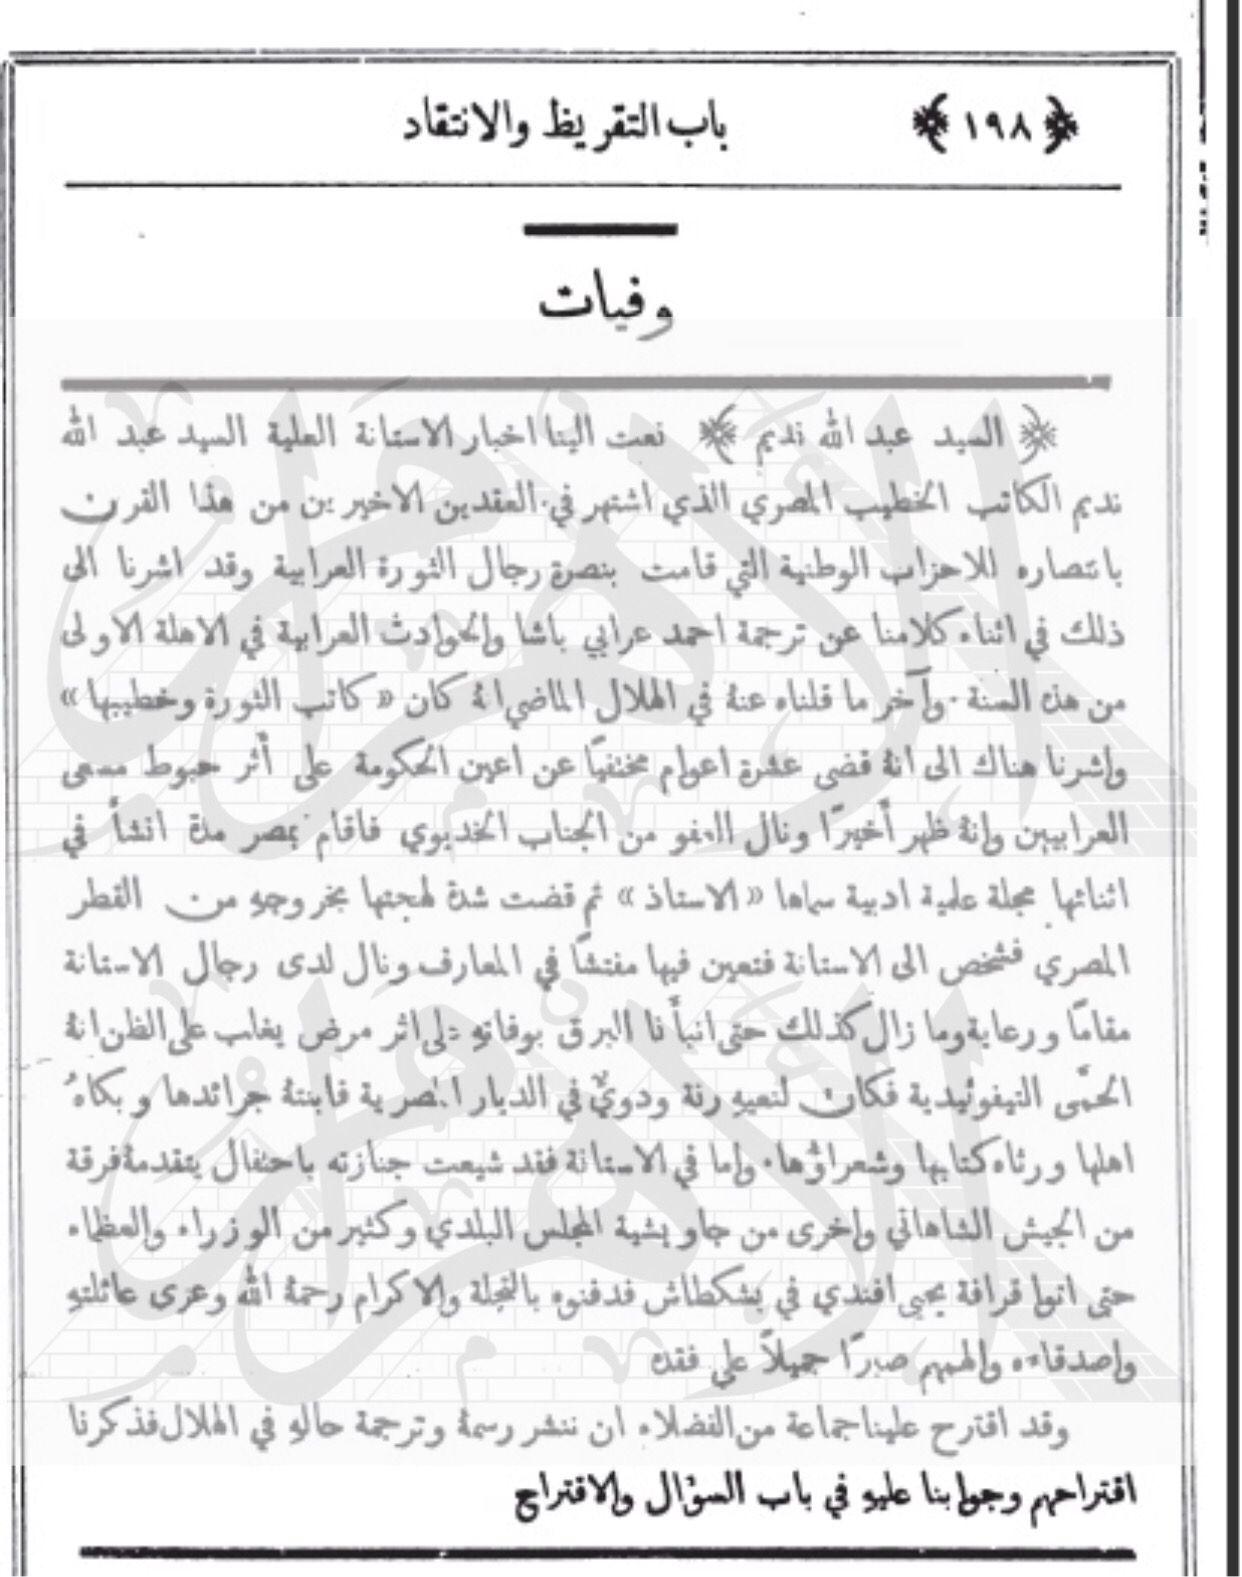 نعي مجلة الهلال لعبد الله النديم